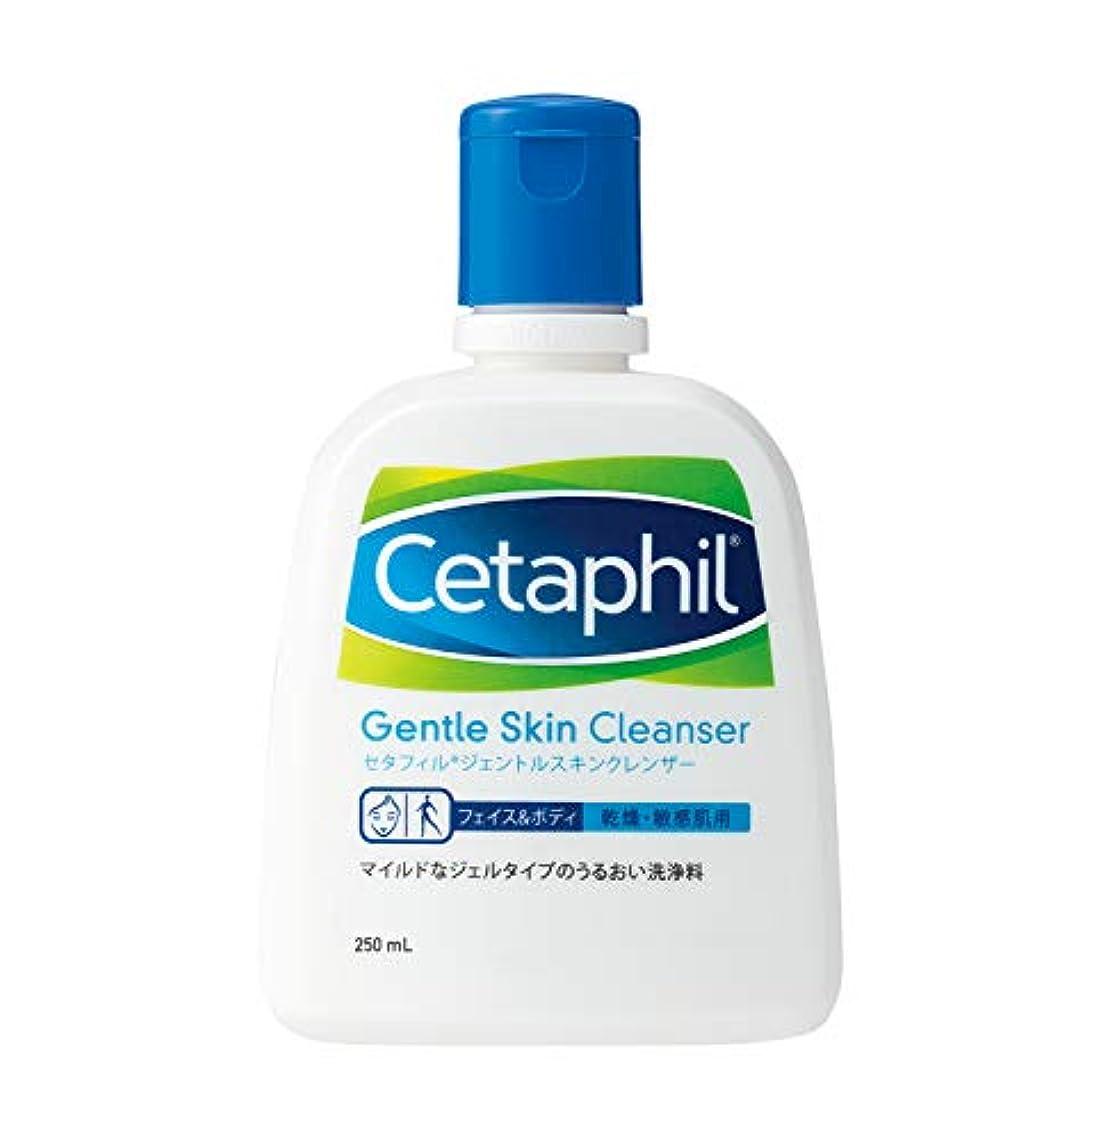 ミシン目悲劇的なスピンセタフィル Cetaphil ® ジェントルスキンクレンザー 250ml (フェイス & ボディ 洗浄料 クレンザー)